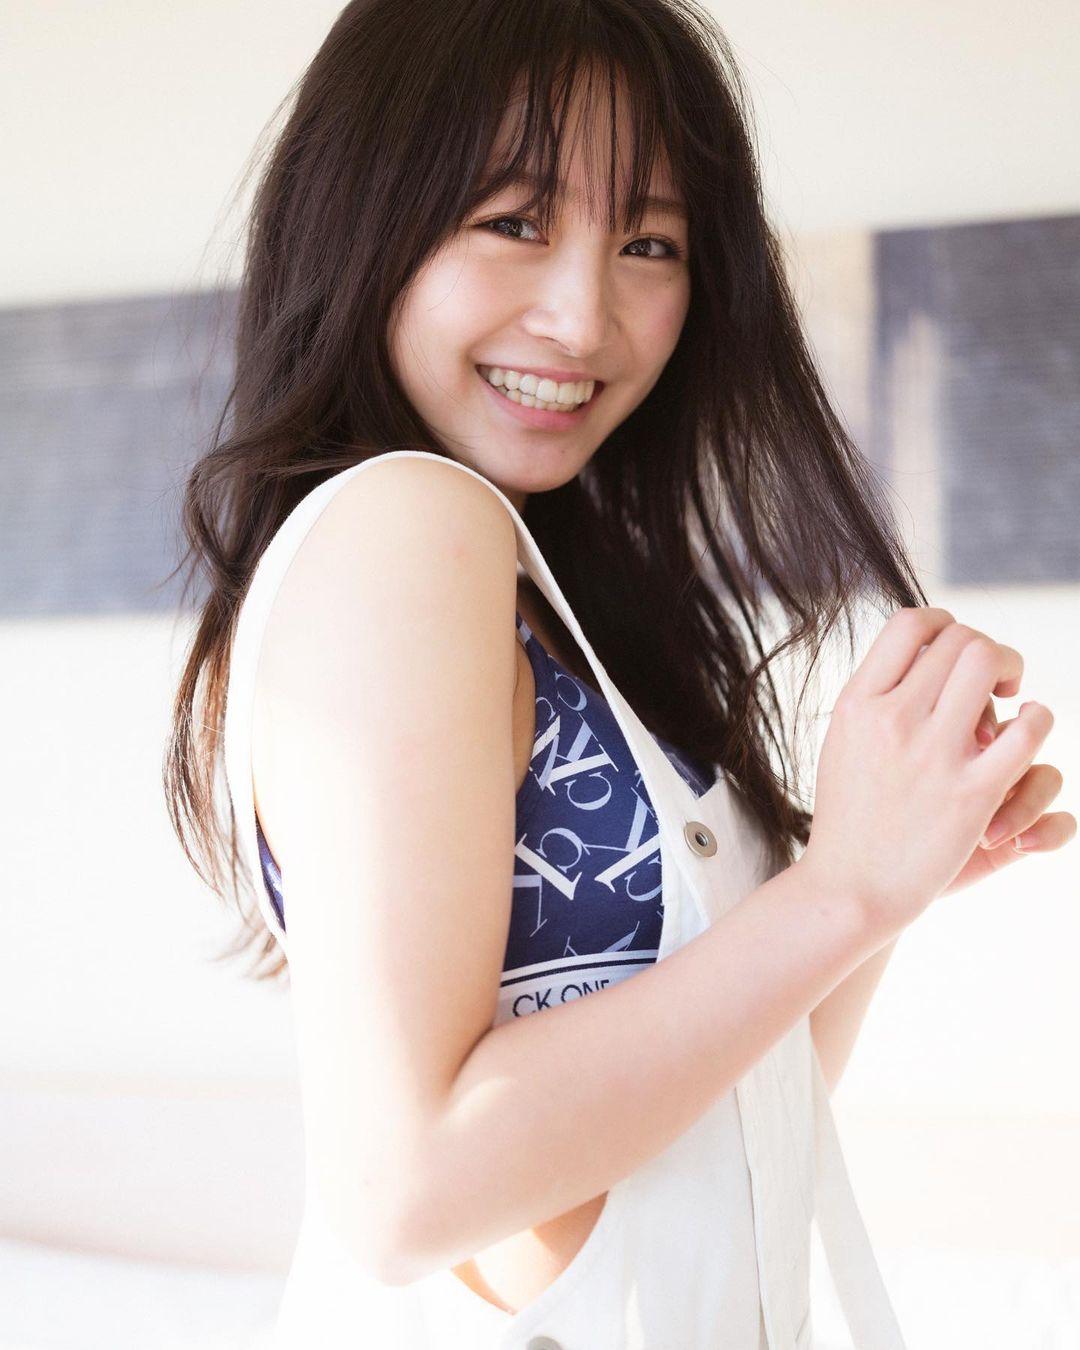 NMB48山本彩加「生活感のある胸元がセクシー…」卒業記念ブックのアザーカットを公開【画像3枚】の画像003